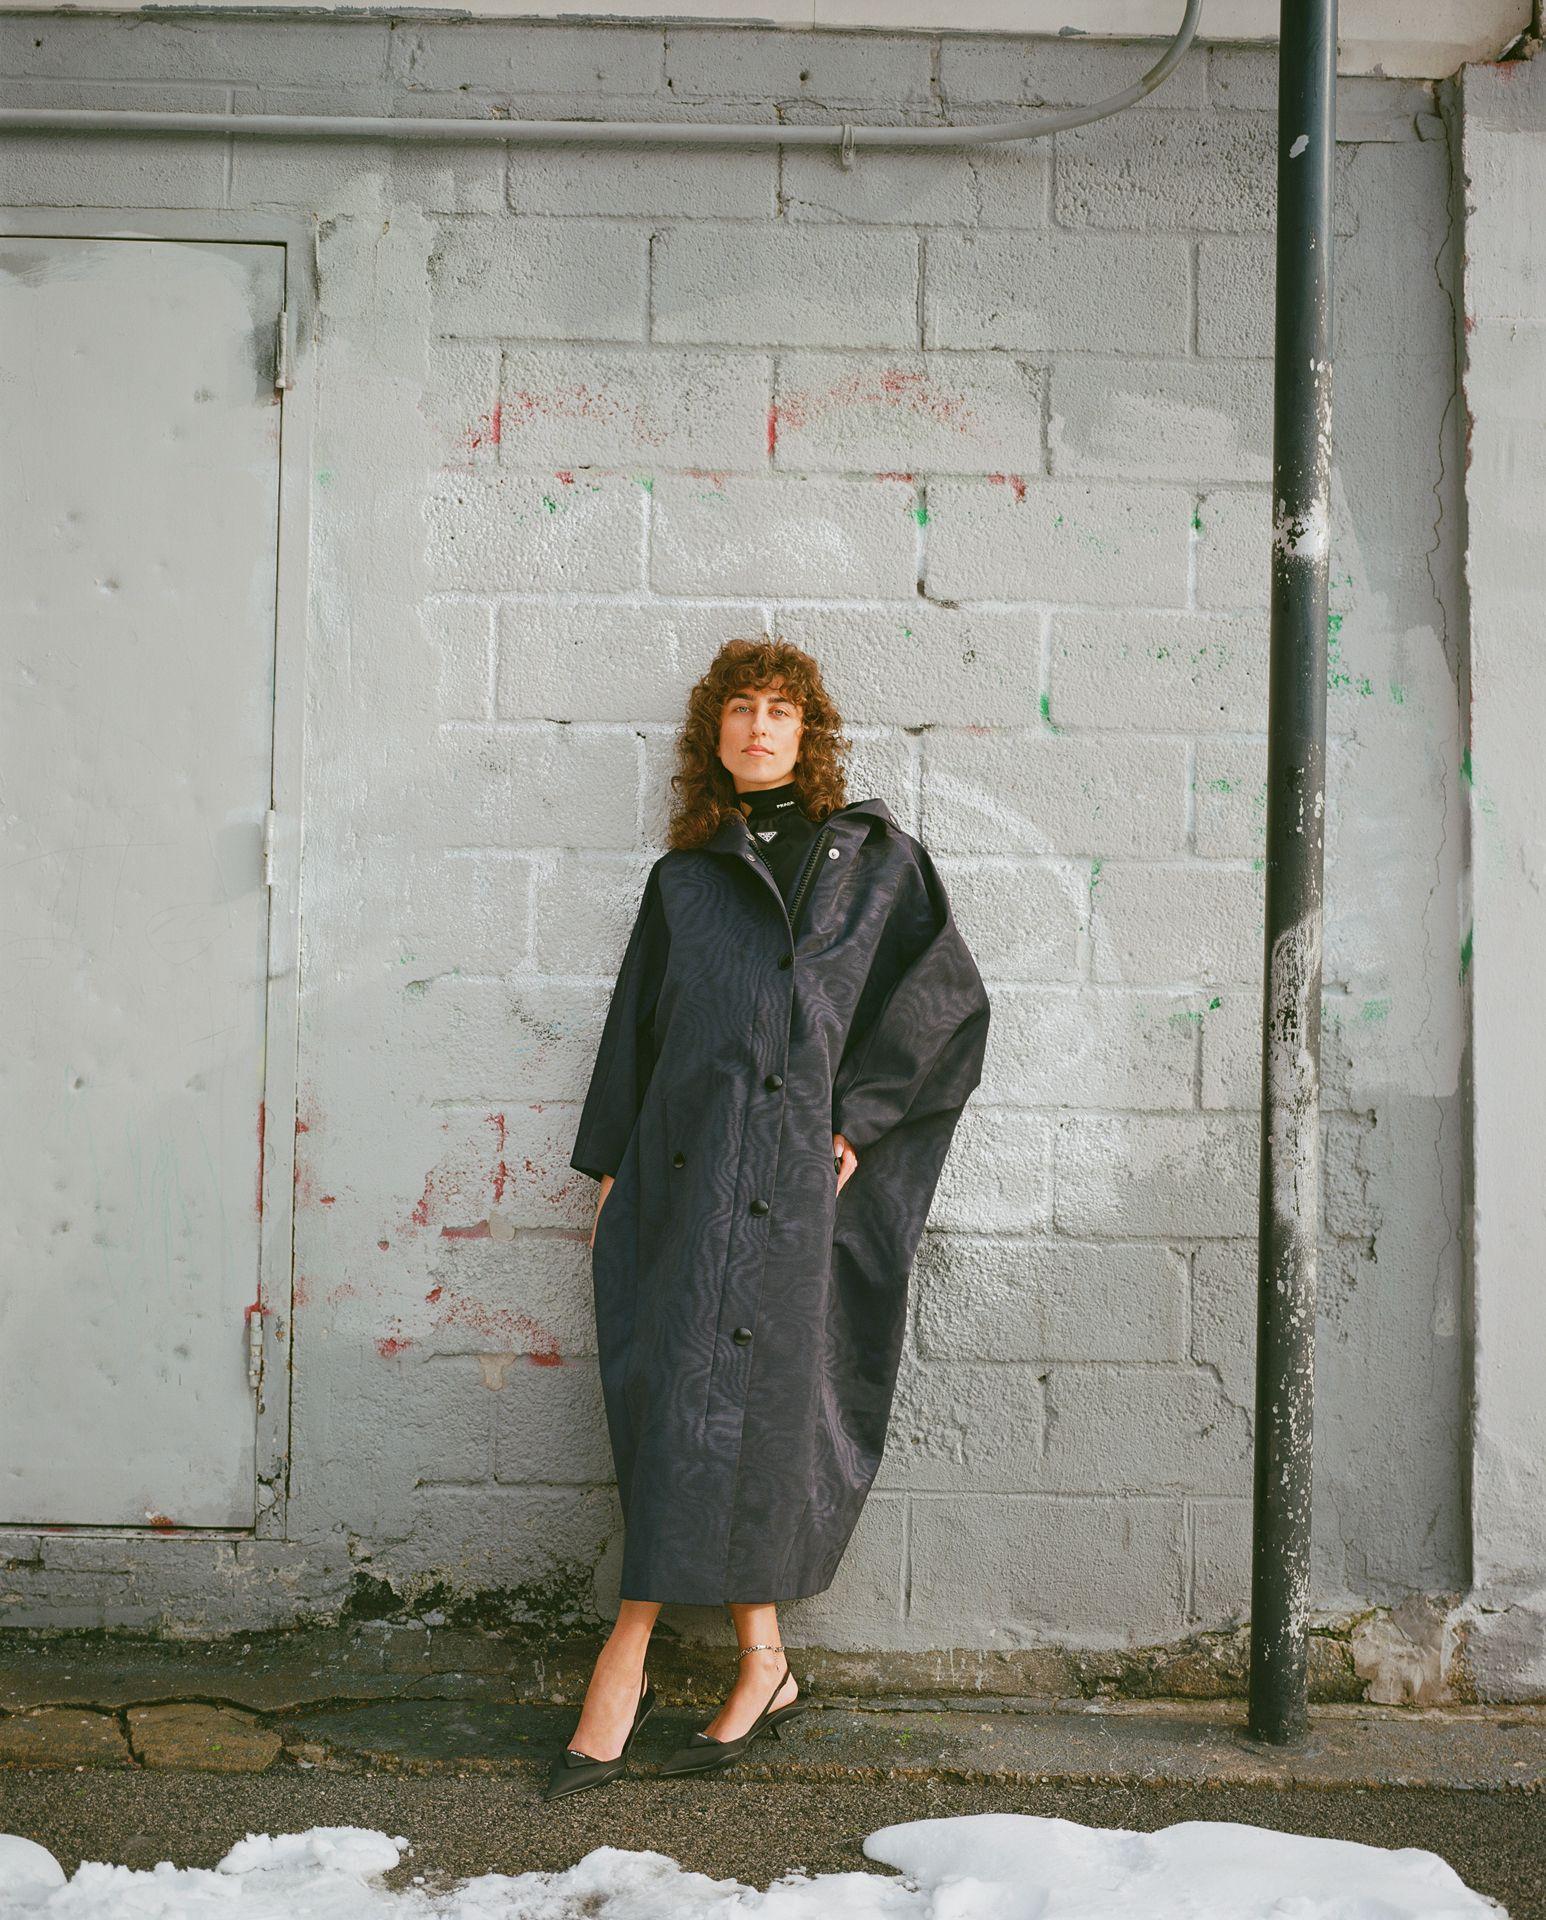 Femme grand manteau noir accoté sur mur extérieur New York